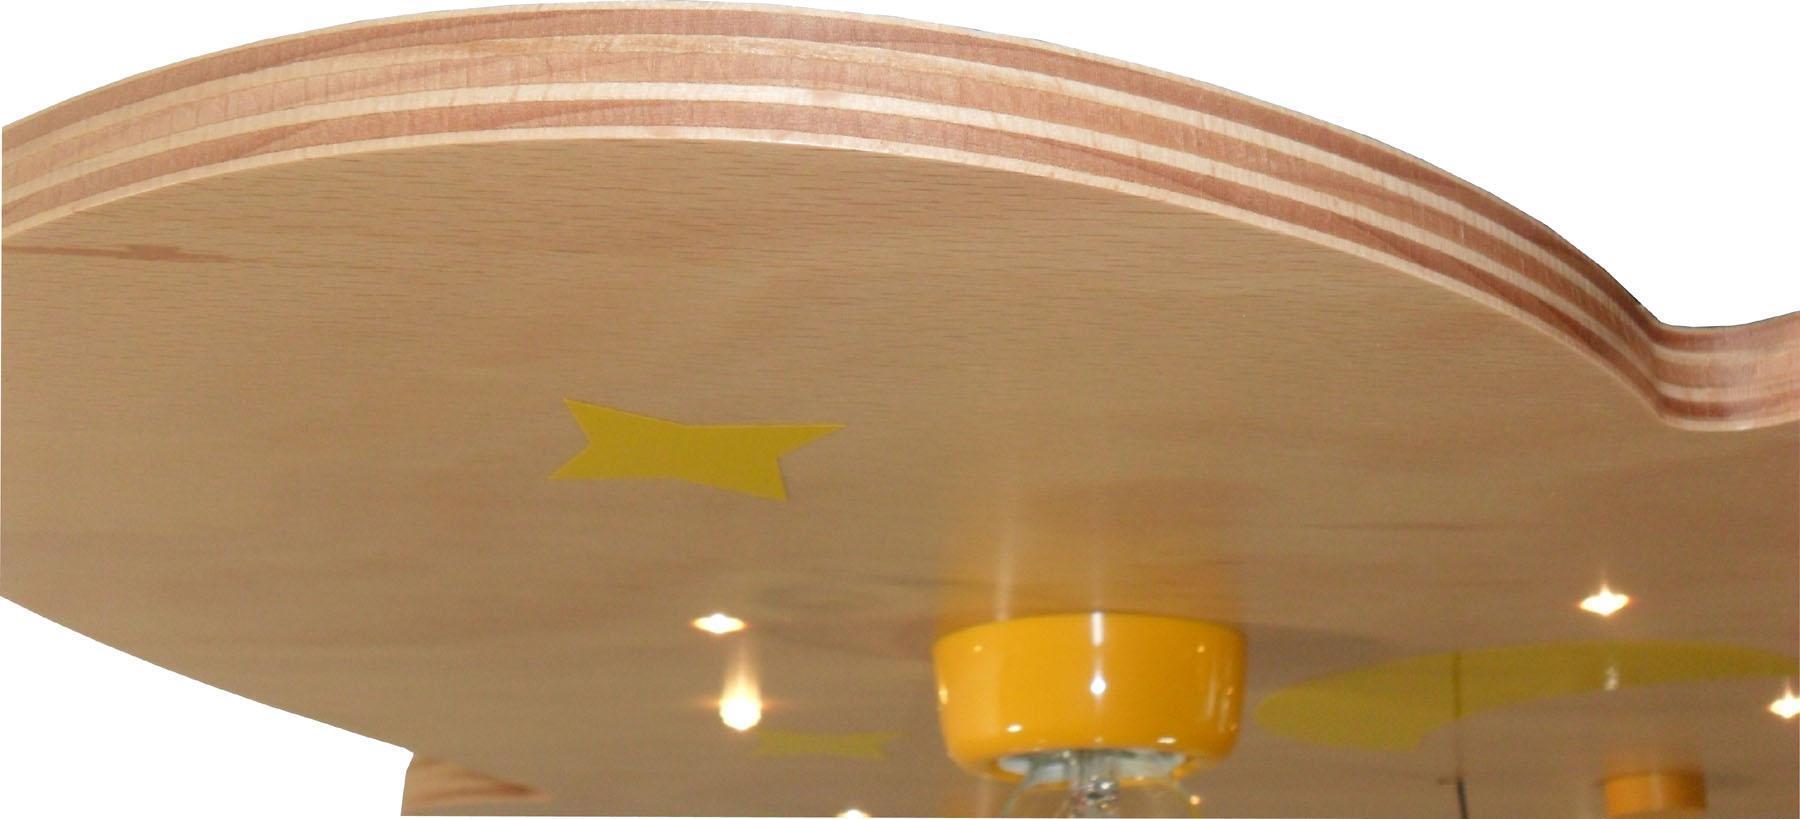 deckenlampe mit sternenhimmel effekt mit fernbedienung. Black Bedroom Furniture Sets. Home Design Ideas